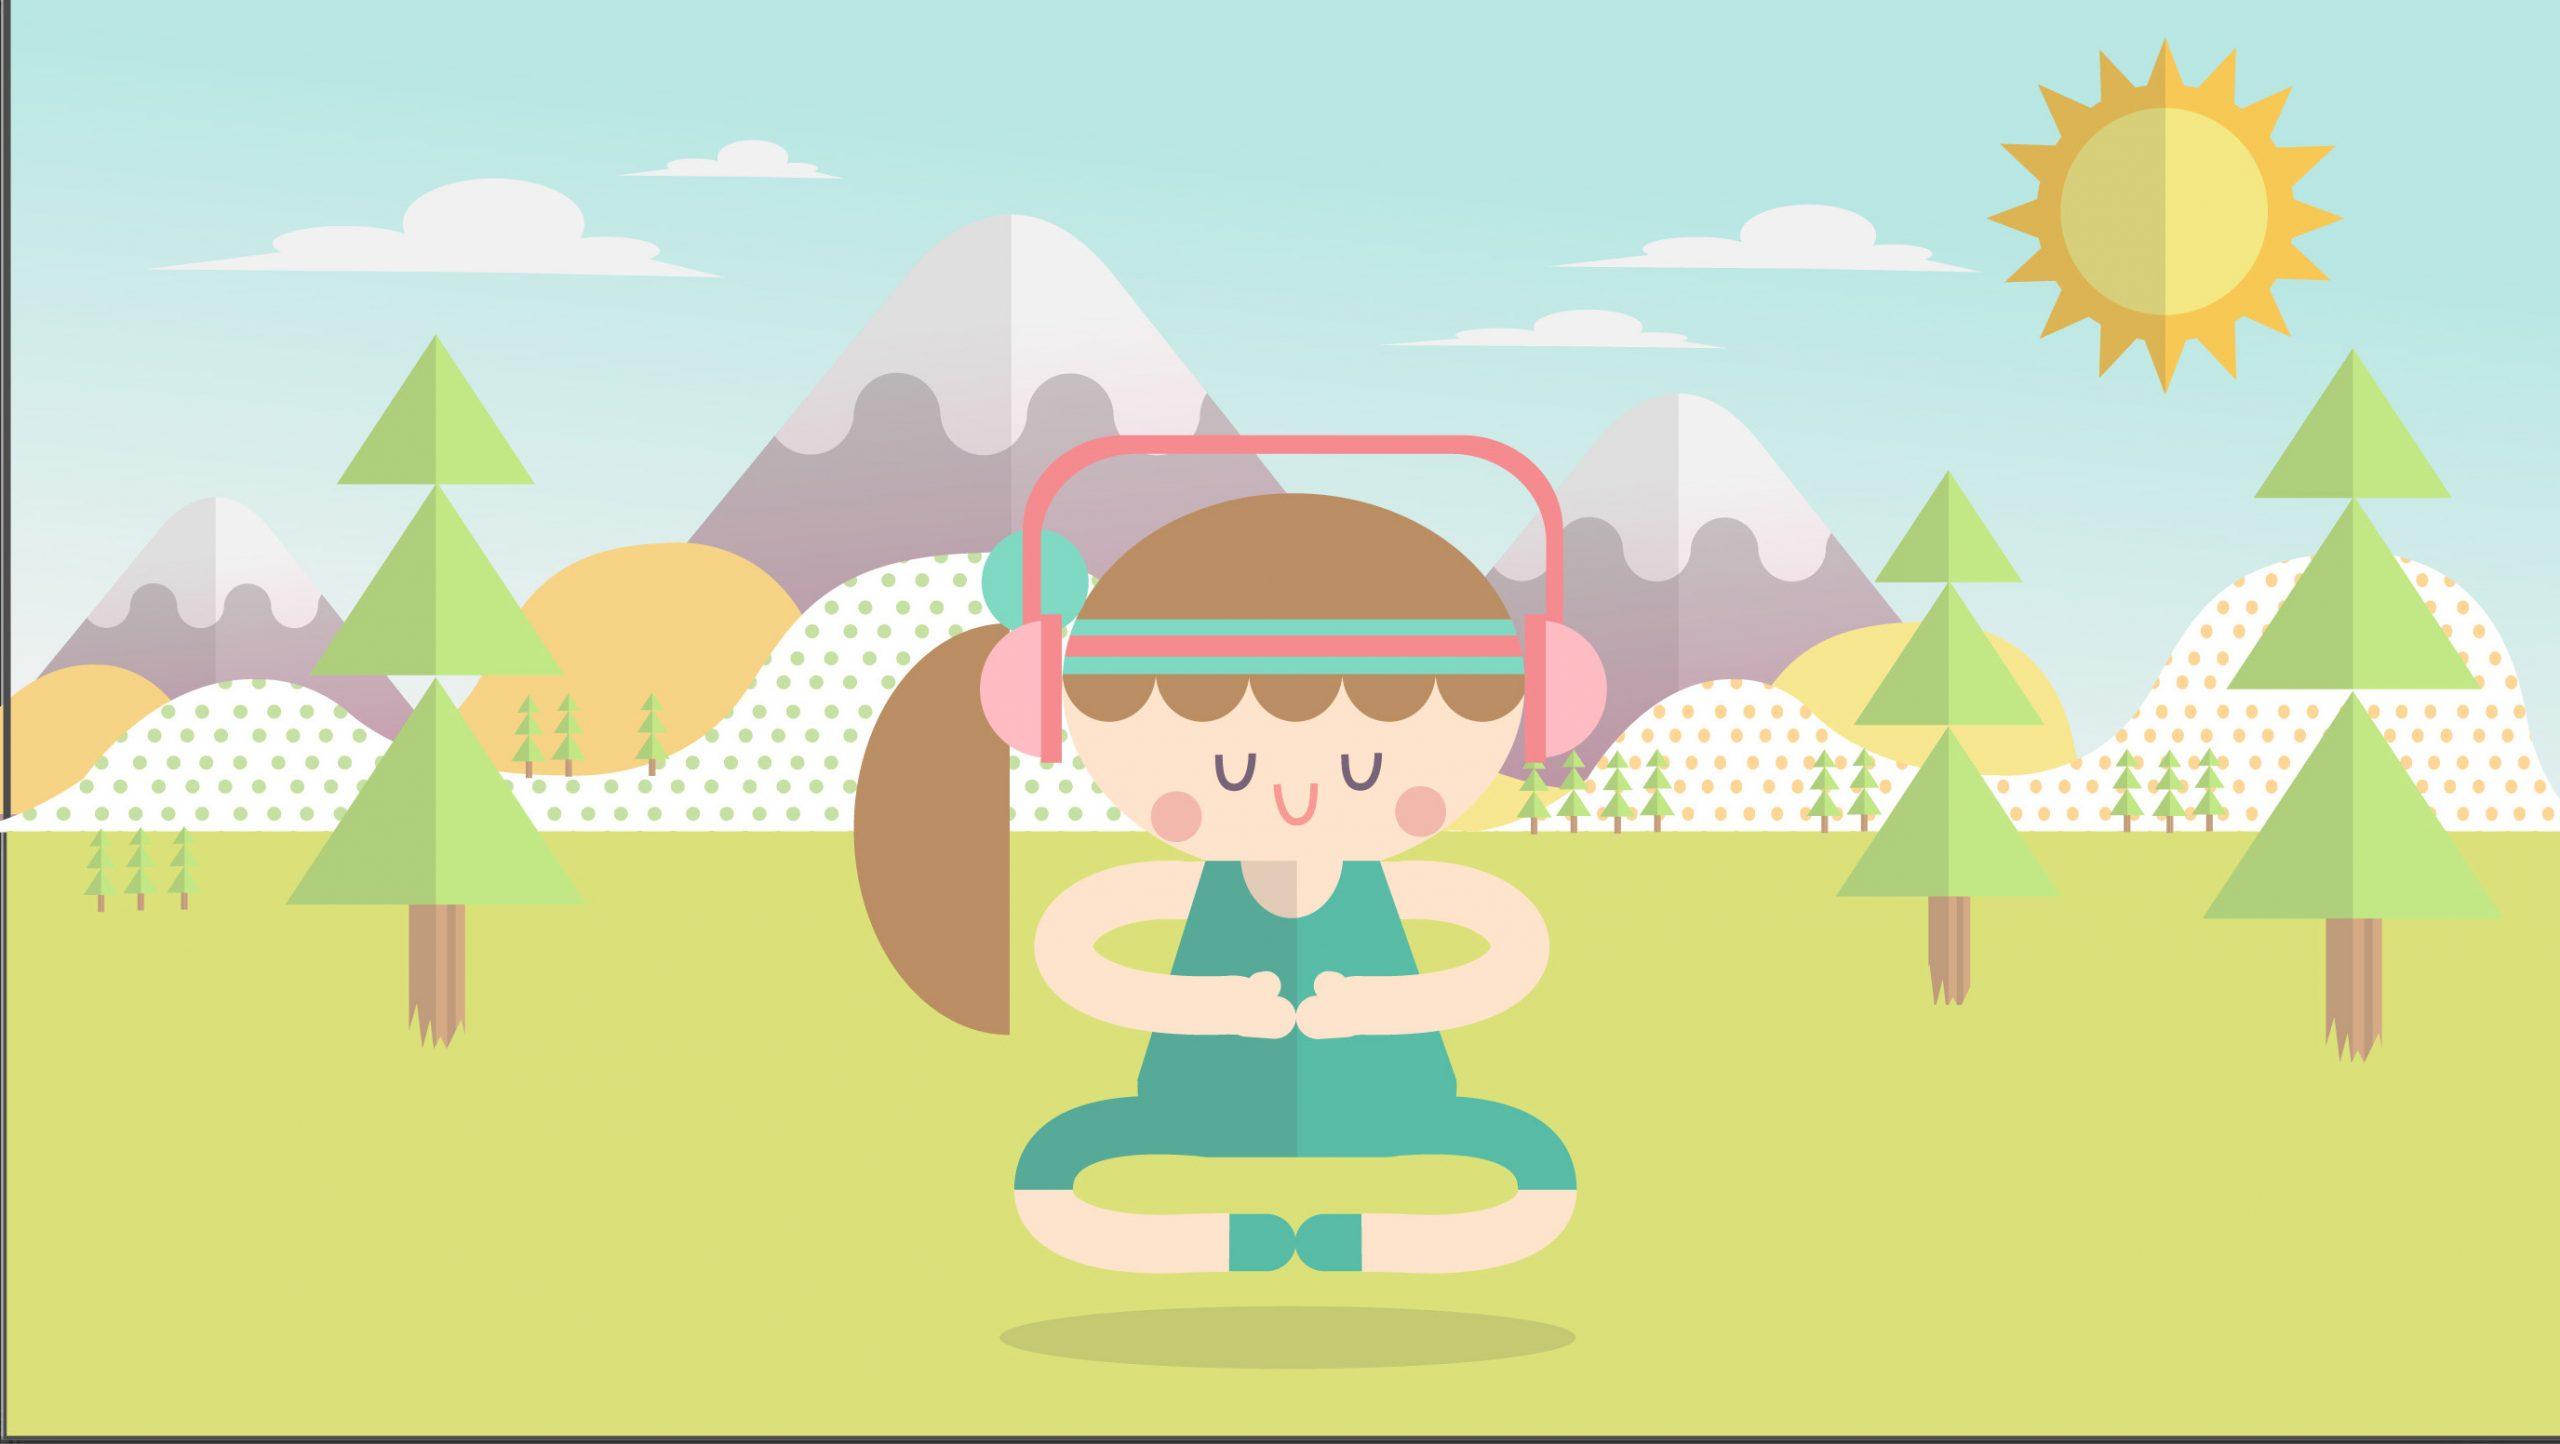 Anlene Milk Animation illustrations | TMRRW  x PIGOLOGIST